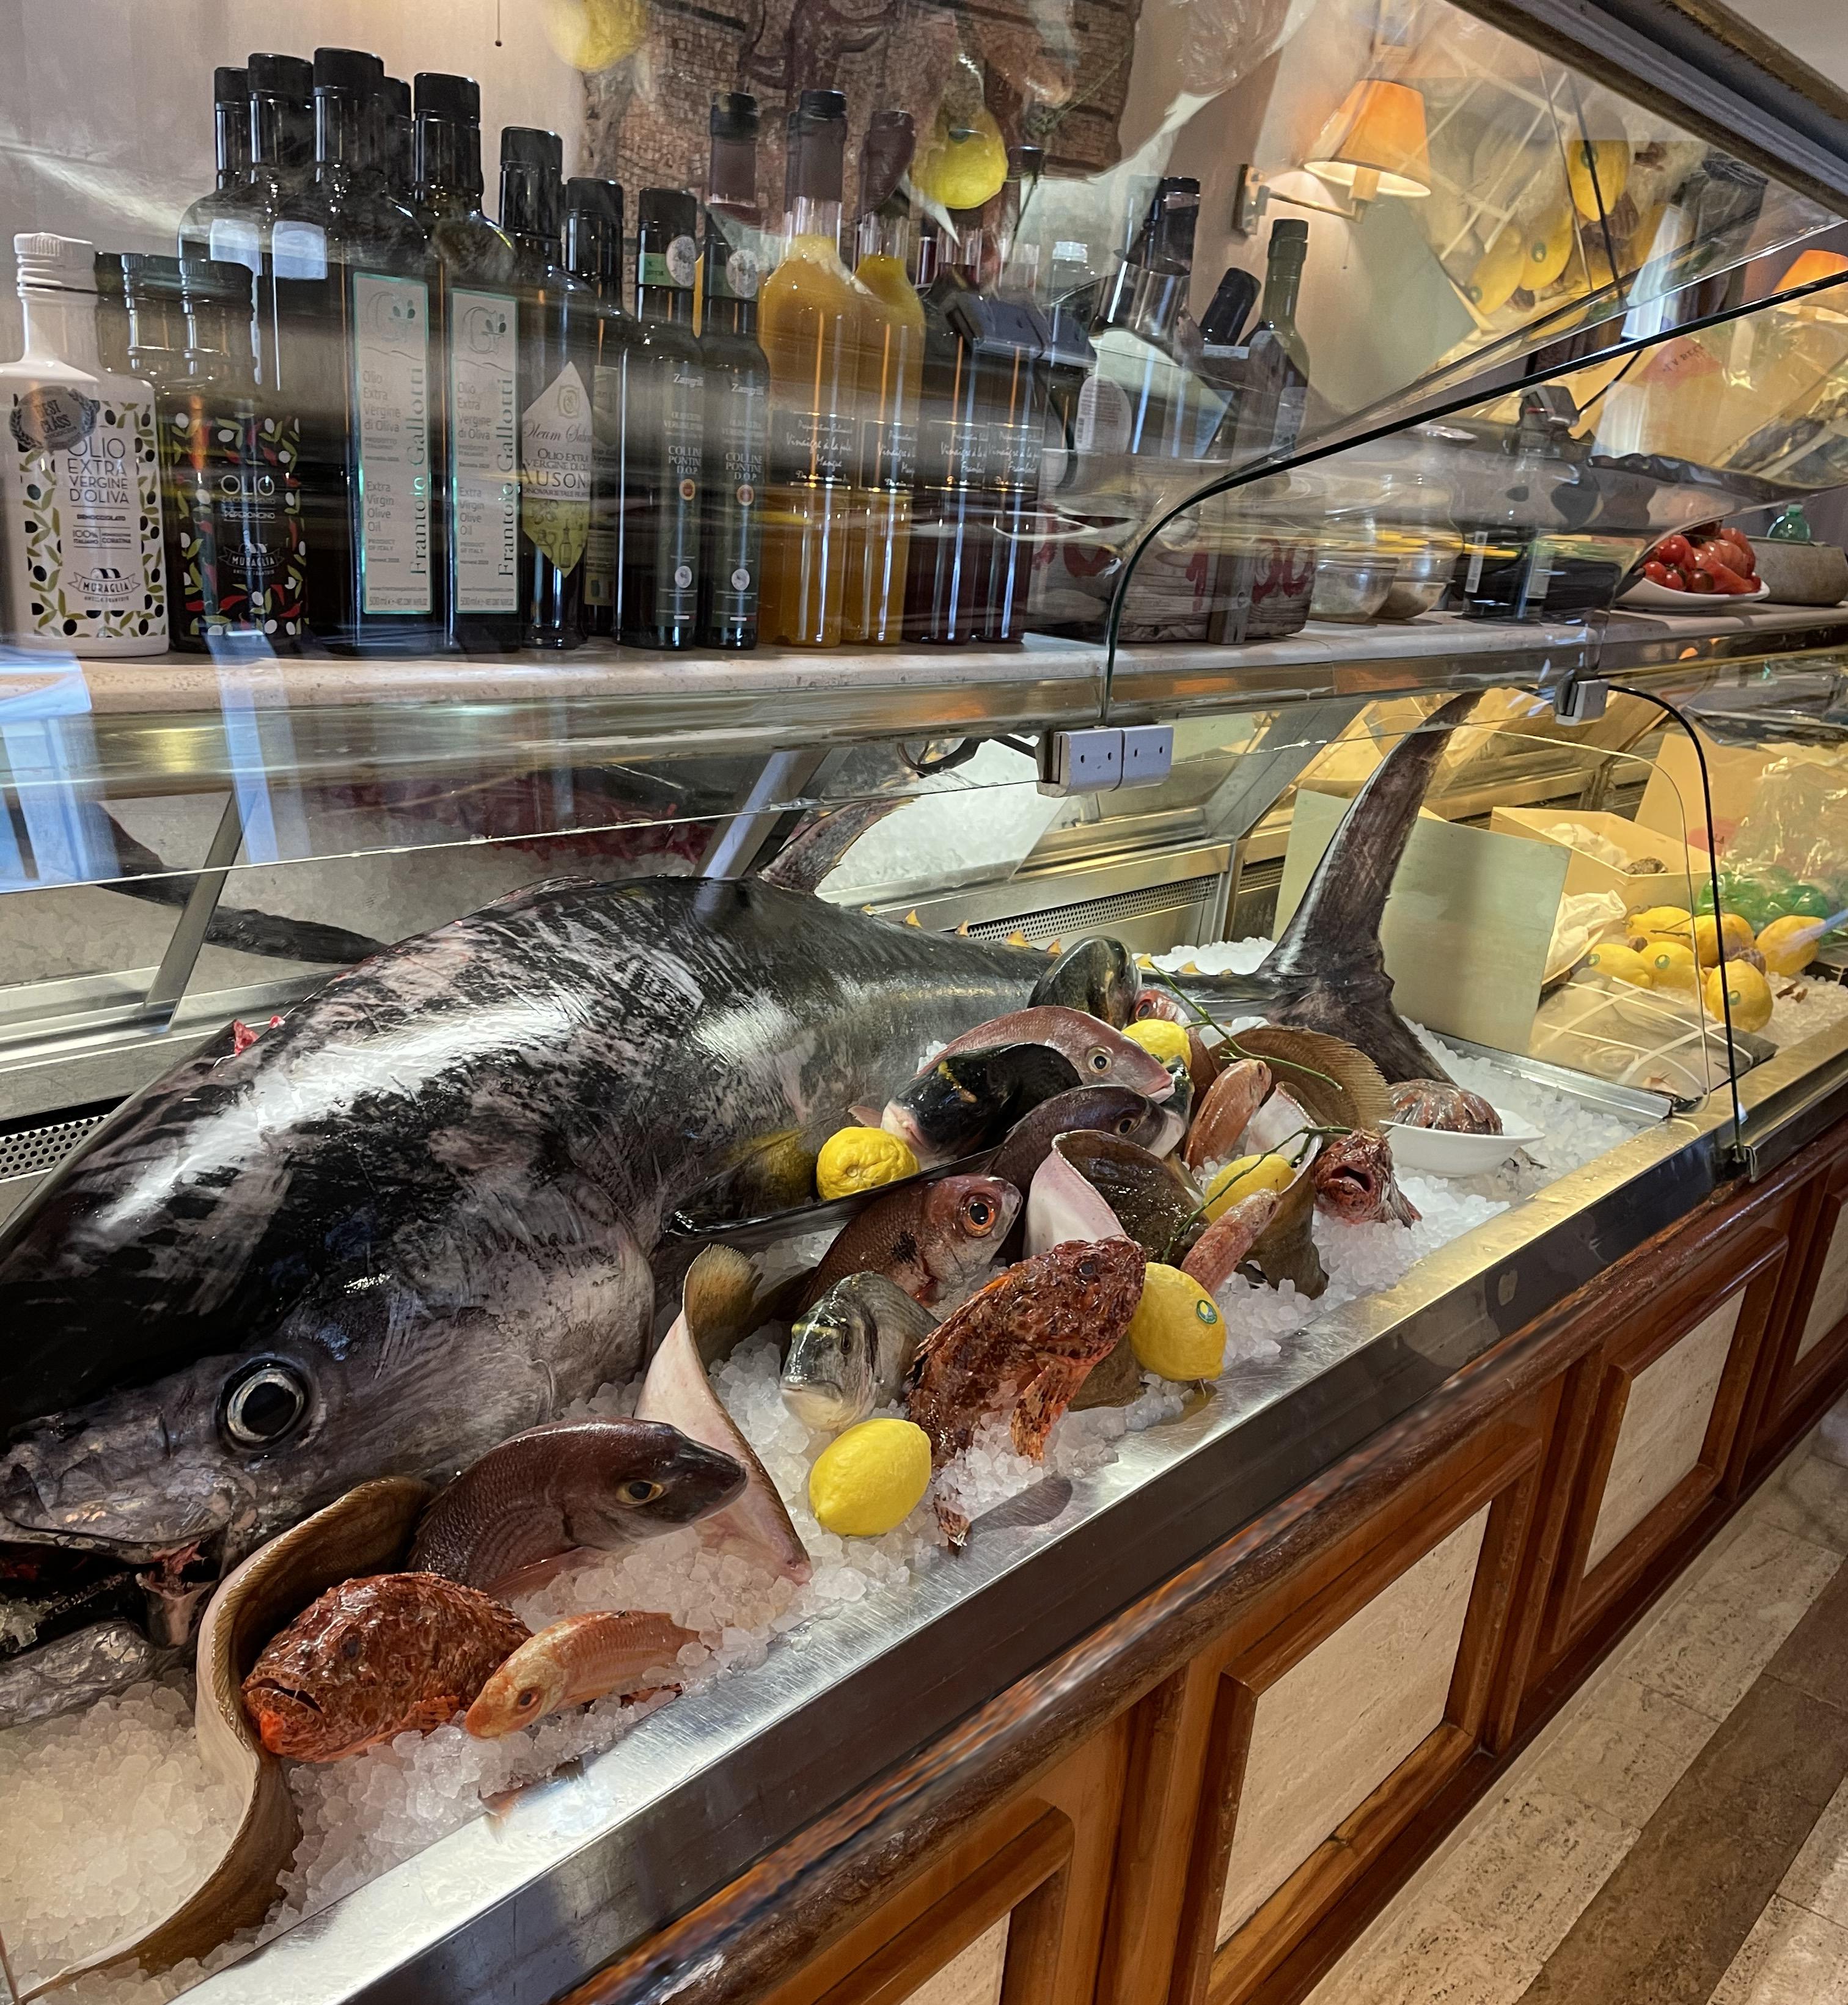 ai_piani_ristorante_roma_parioli_pesce_fresco_mostra_dinner_cena_romantic_lunch_pranzo_rome_nord_tonno